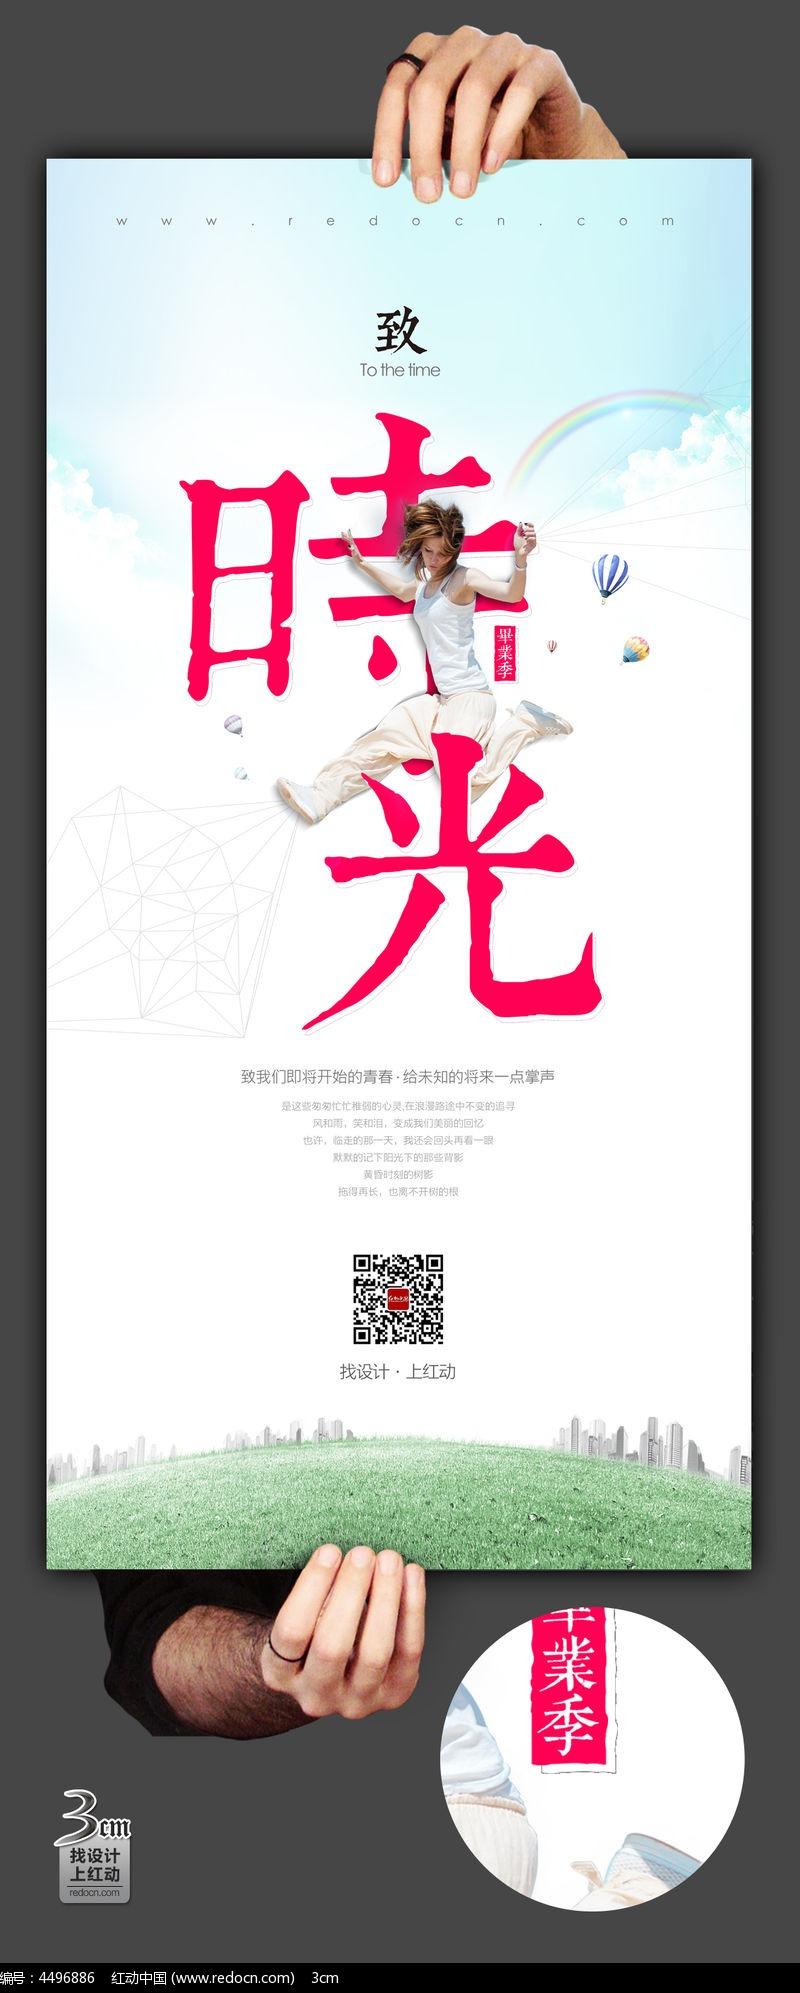 时尚致时光毕业季海报设计psd素材下载_艺术海报设计